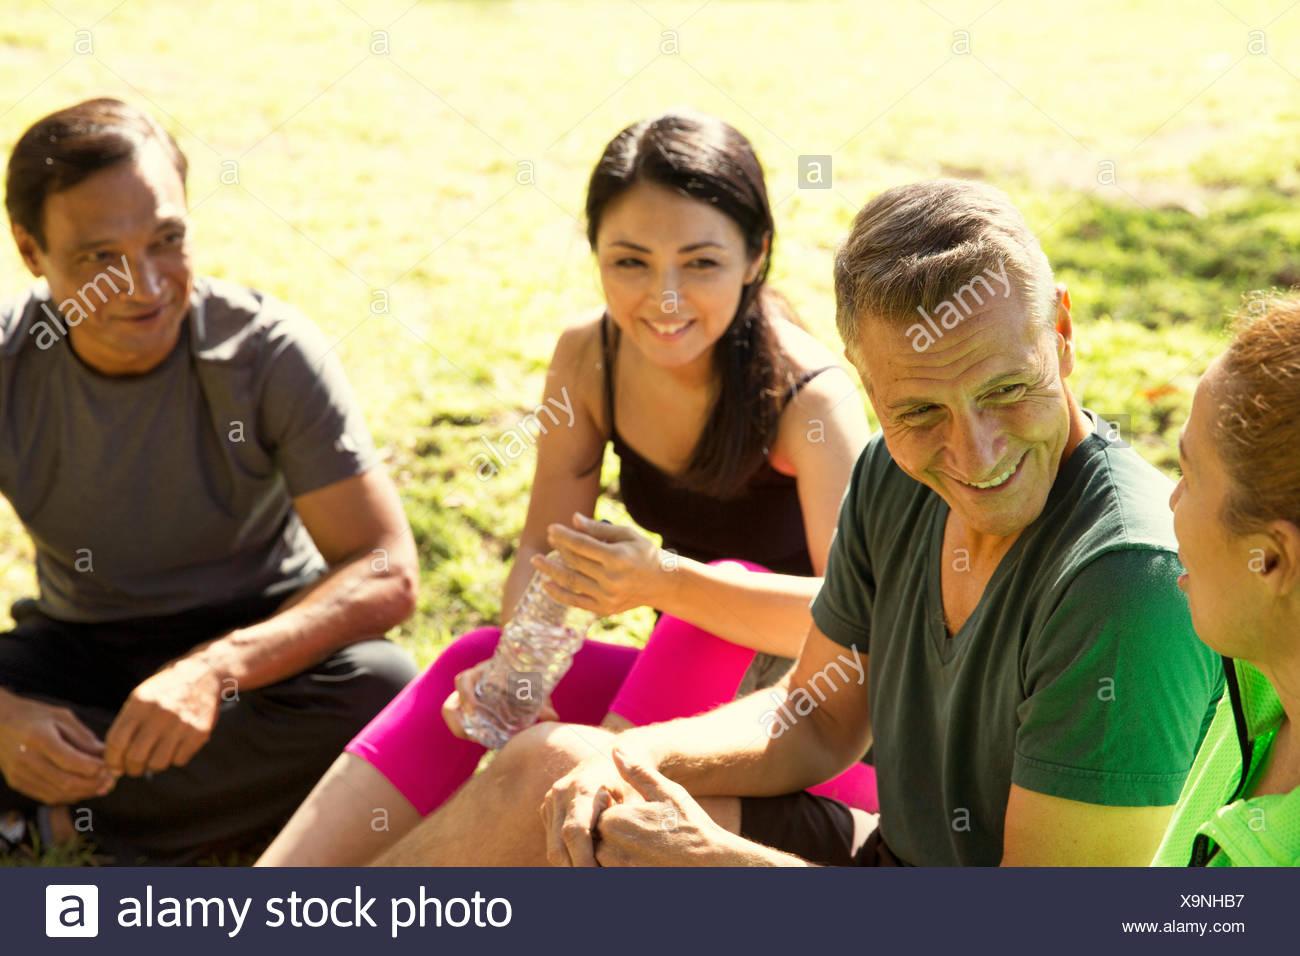 Vier Reifen männlichen und weiblichen Läufern eine Pause im park Stockbild